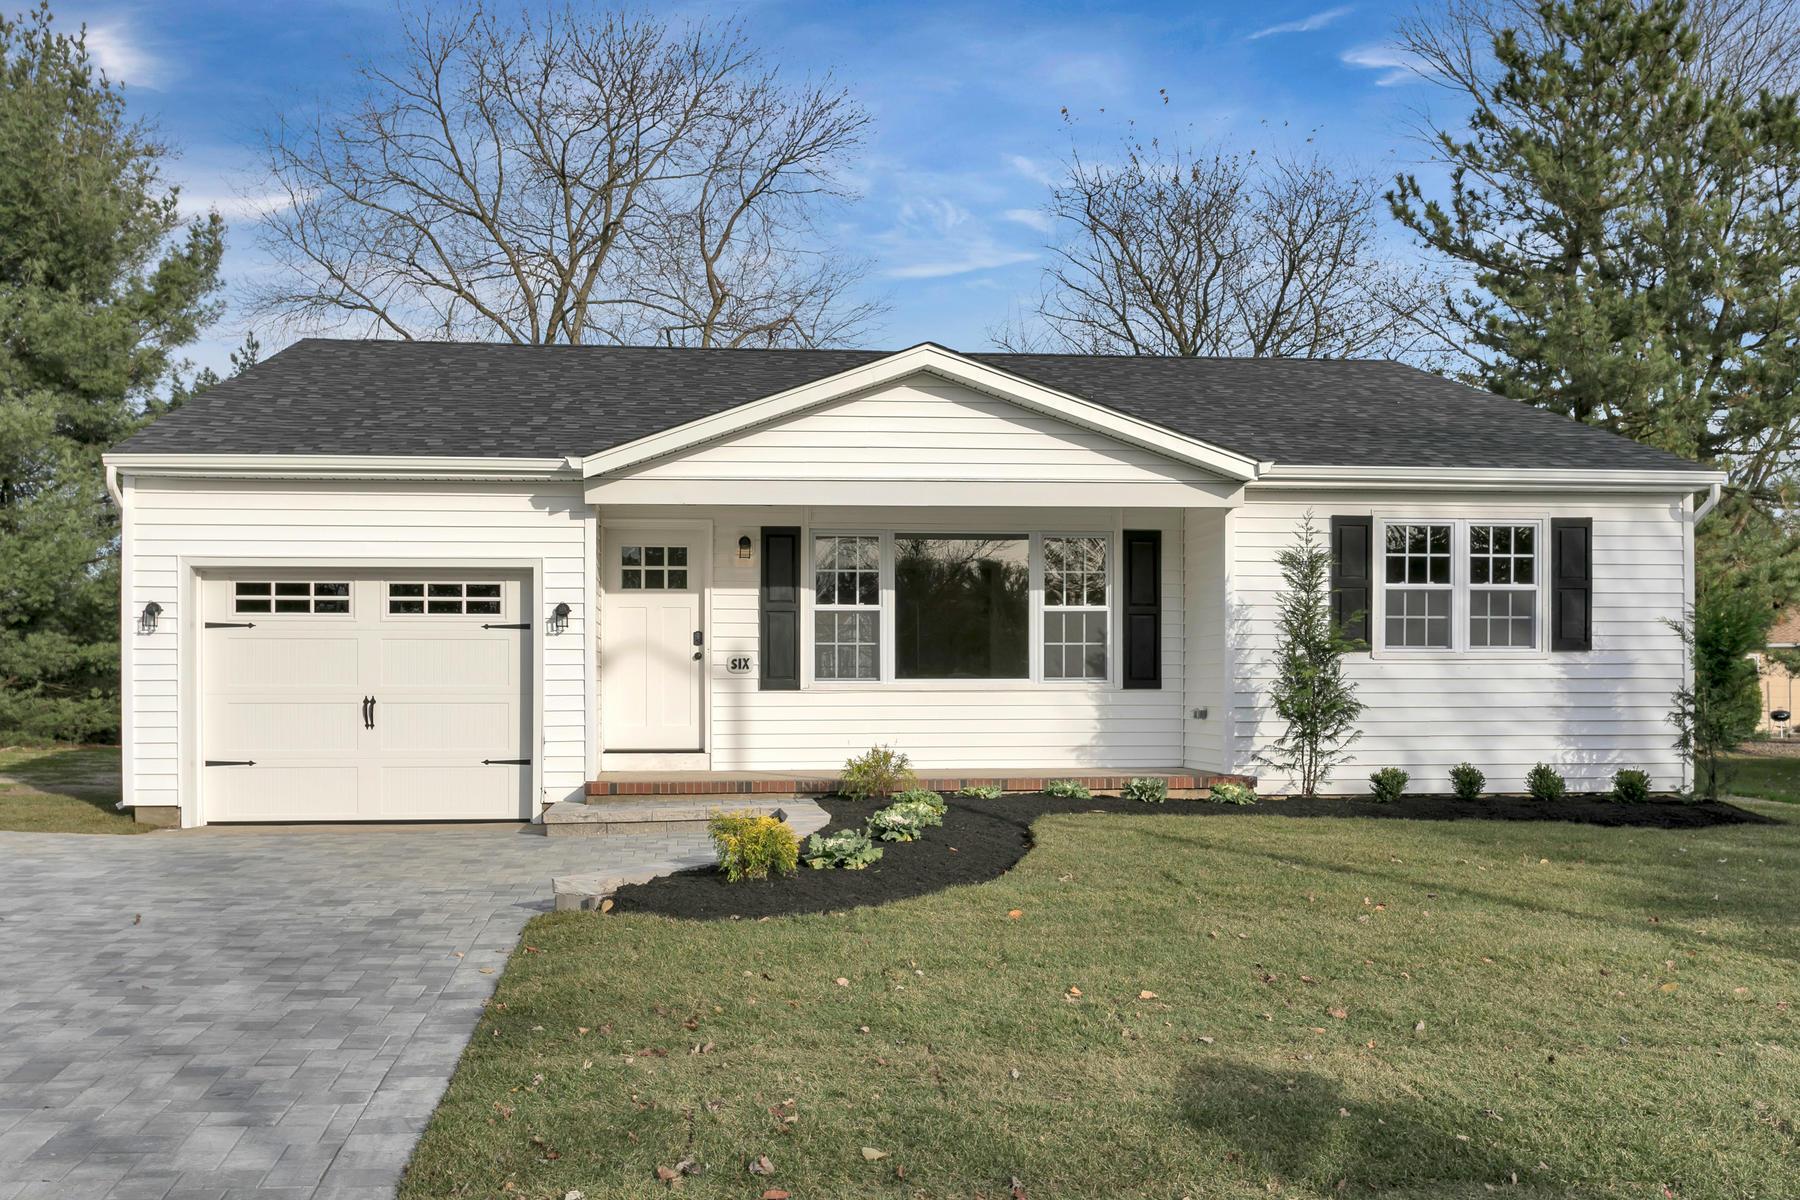 独户住宅 为 销售 在 6 Ely Court, Toms River 6 Ely Court 汤姆斯河, 新泽西州 08757 美国